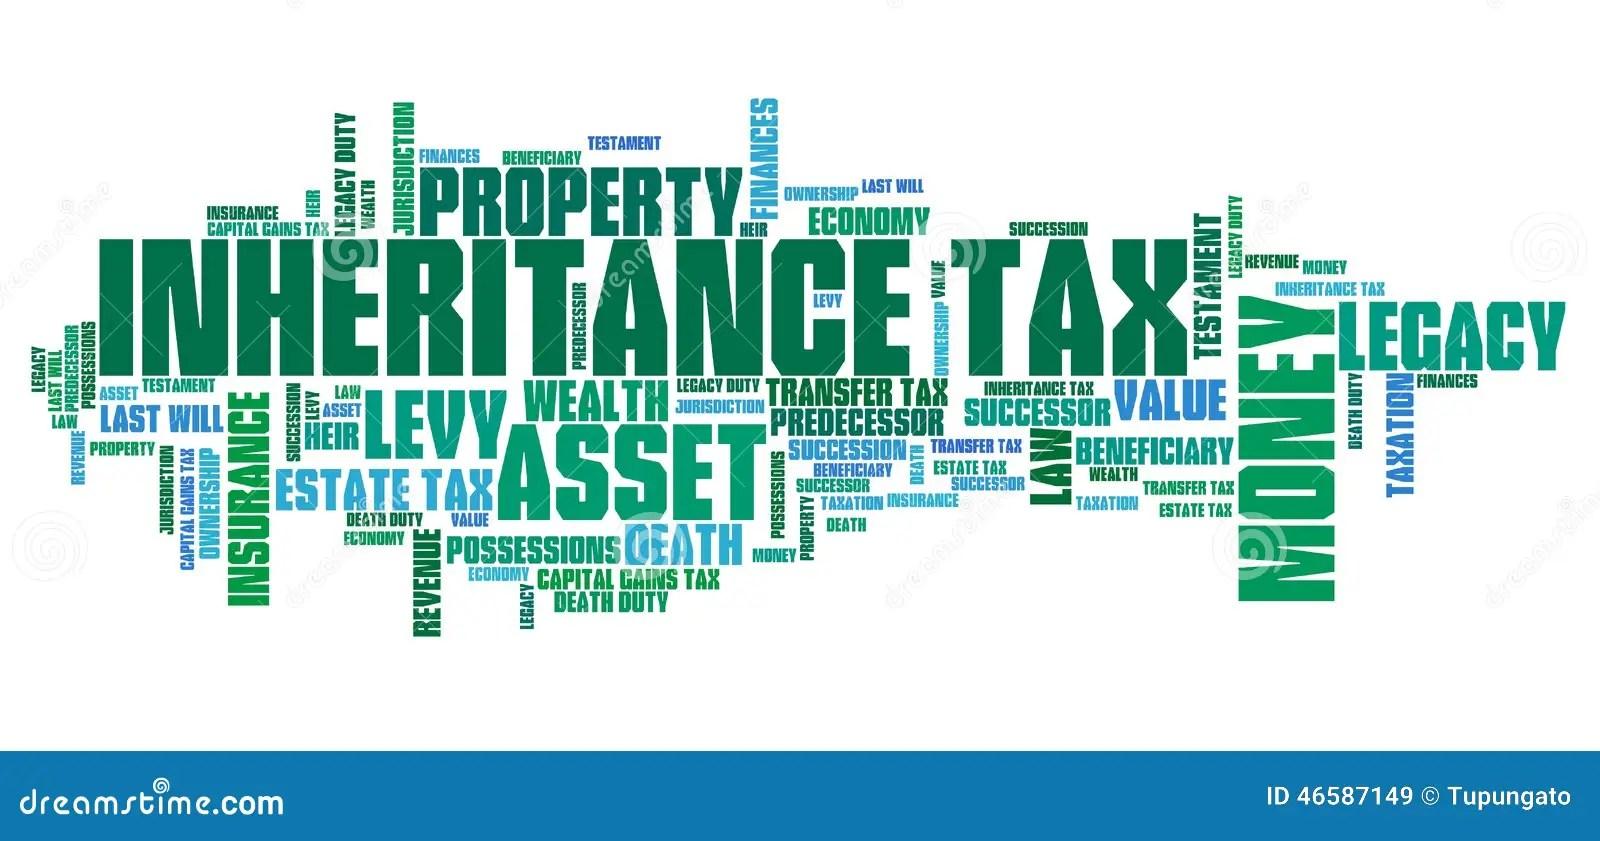 Estate Tax Inheritance